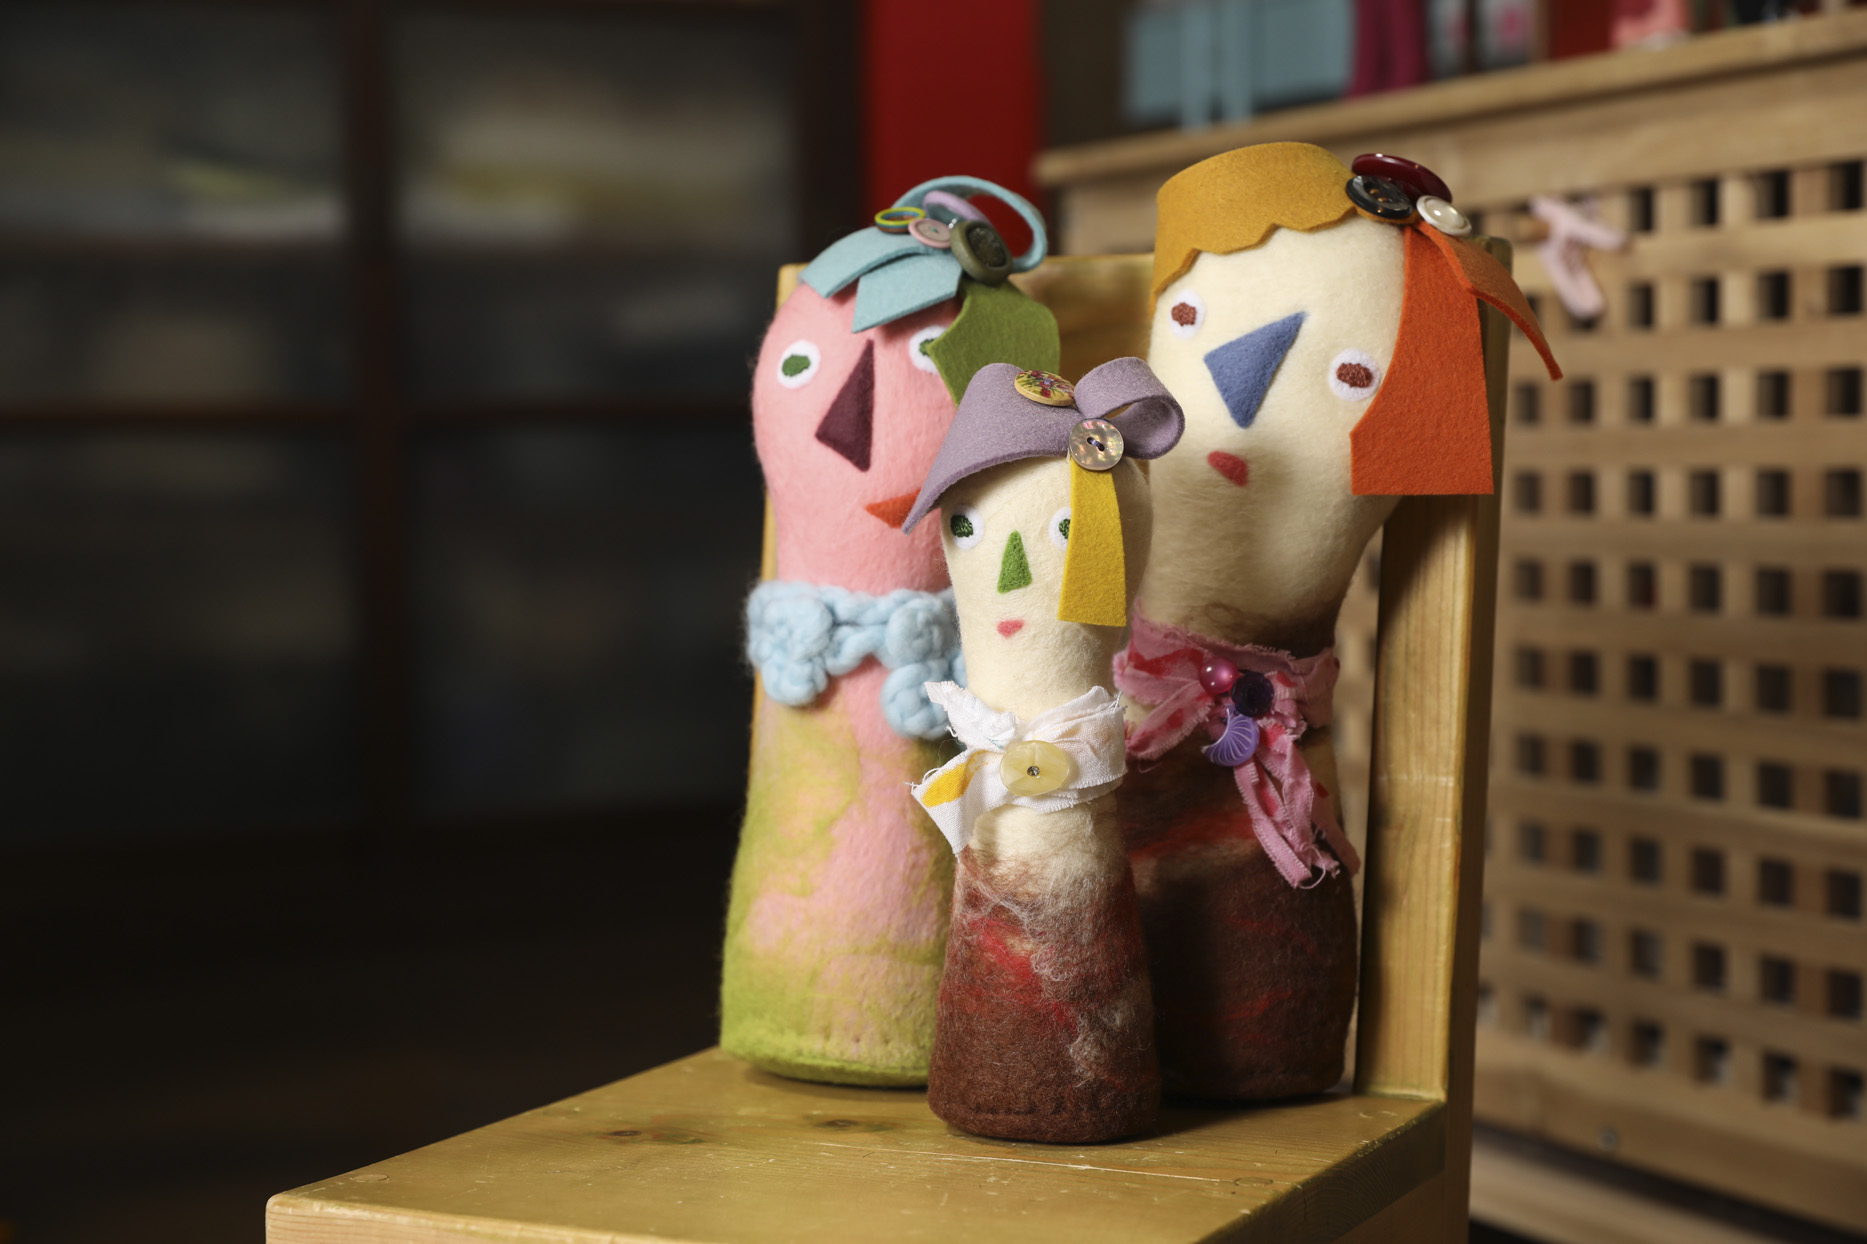 <あでりいの作品>「エルテレちゃん」 異国のこけし人形のような、おすまし顔のお姉さん